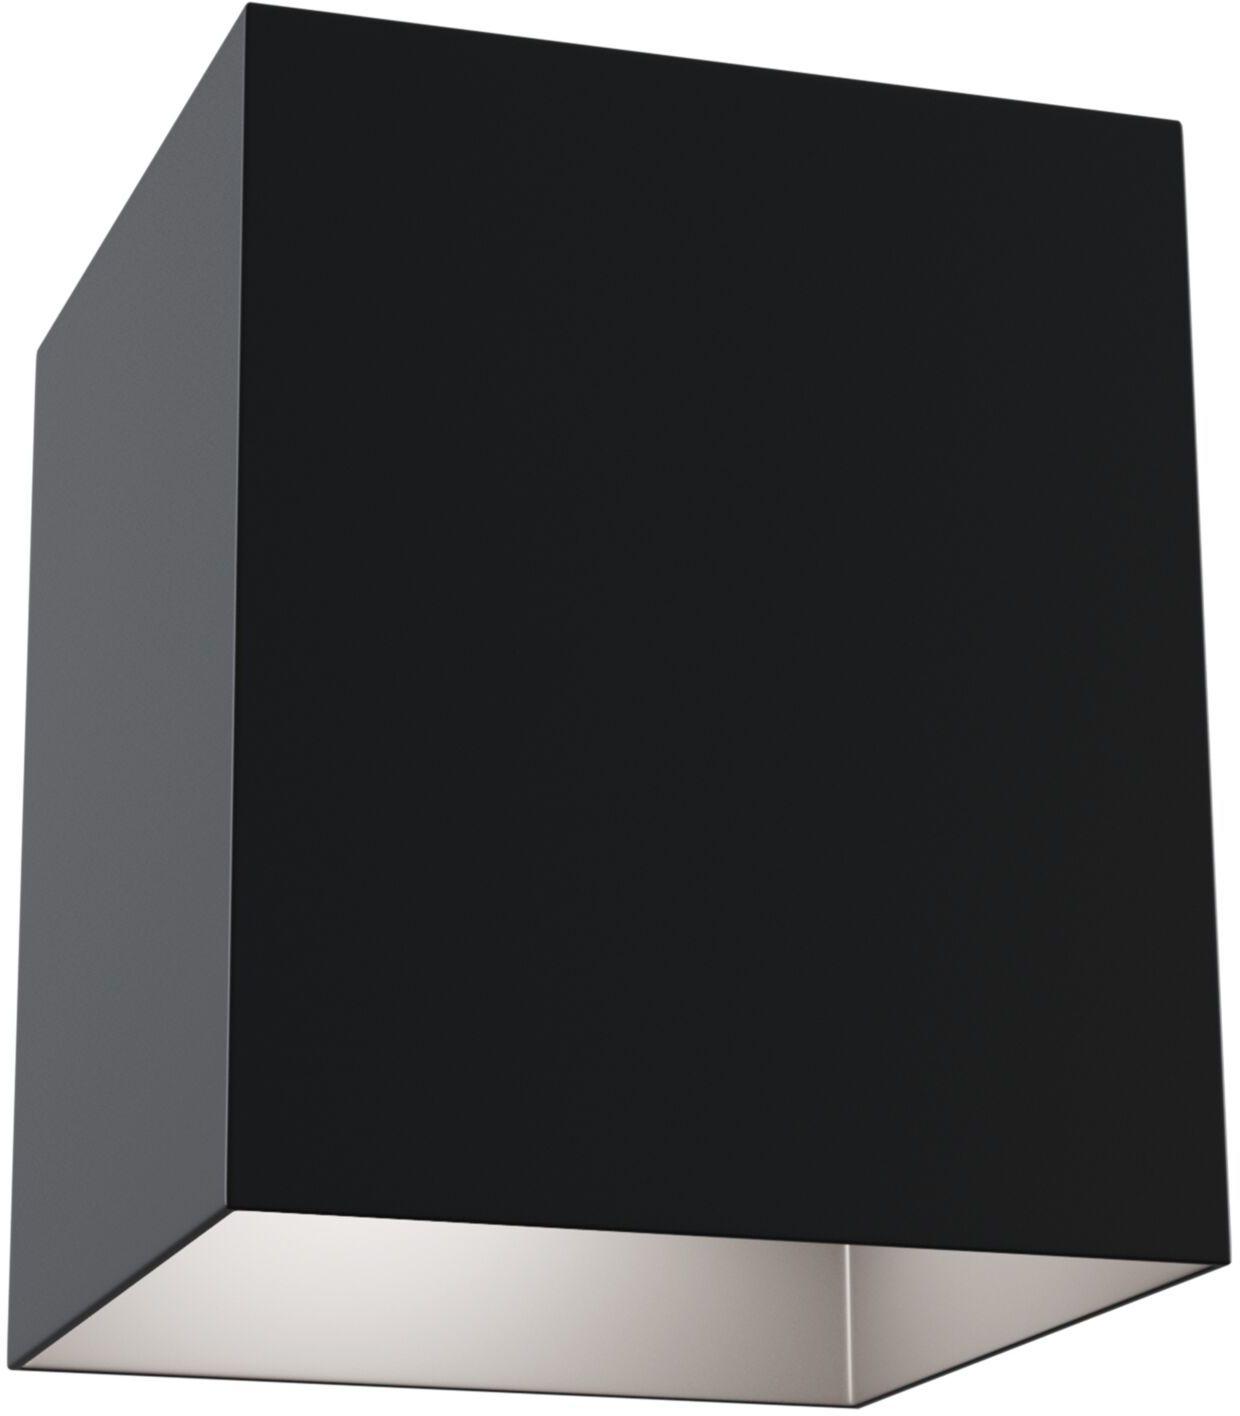 Lampa sufitowa ALFA C015CL-01B - Maytoni